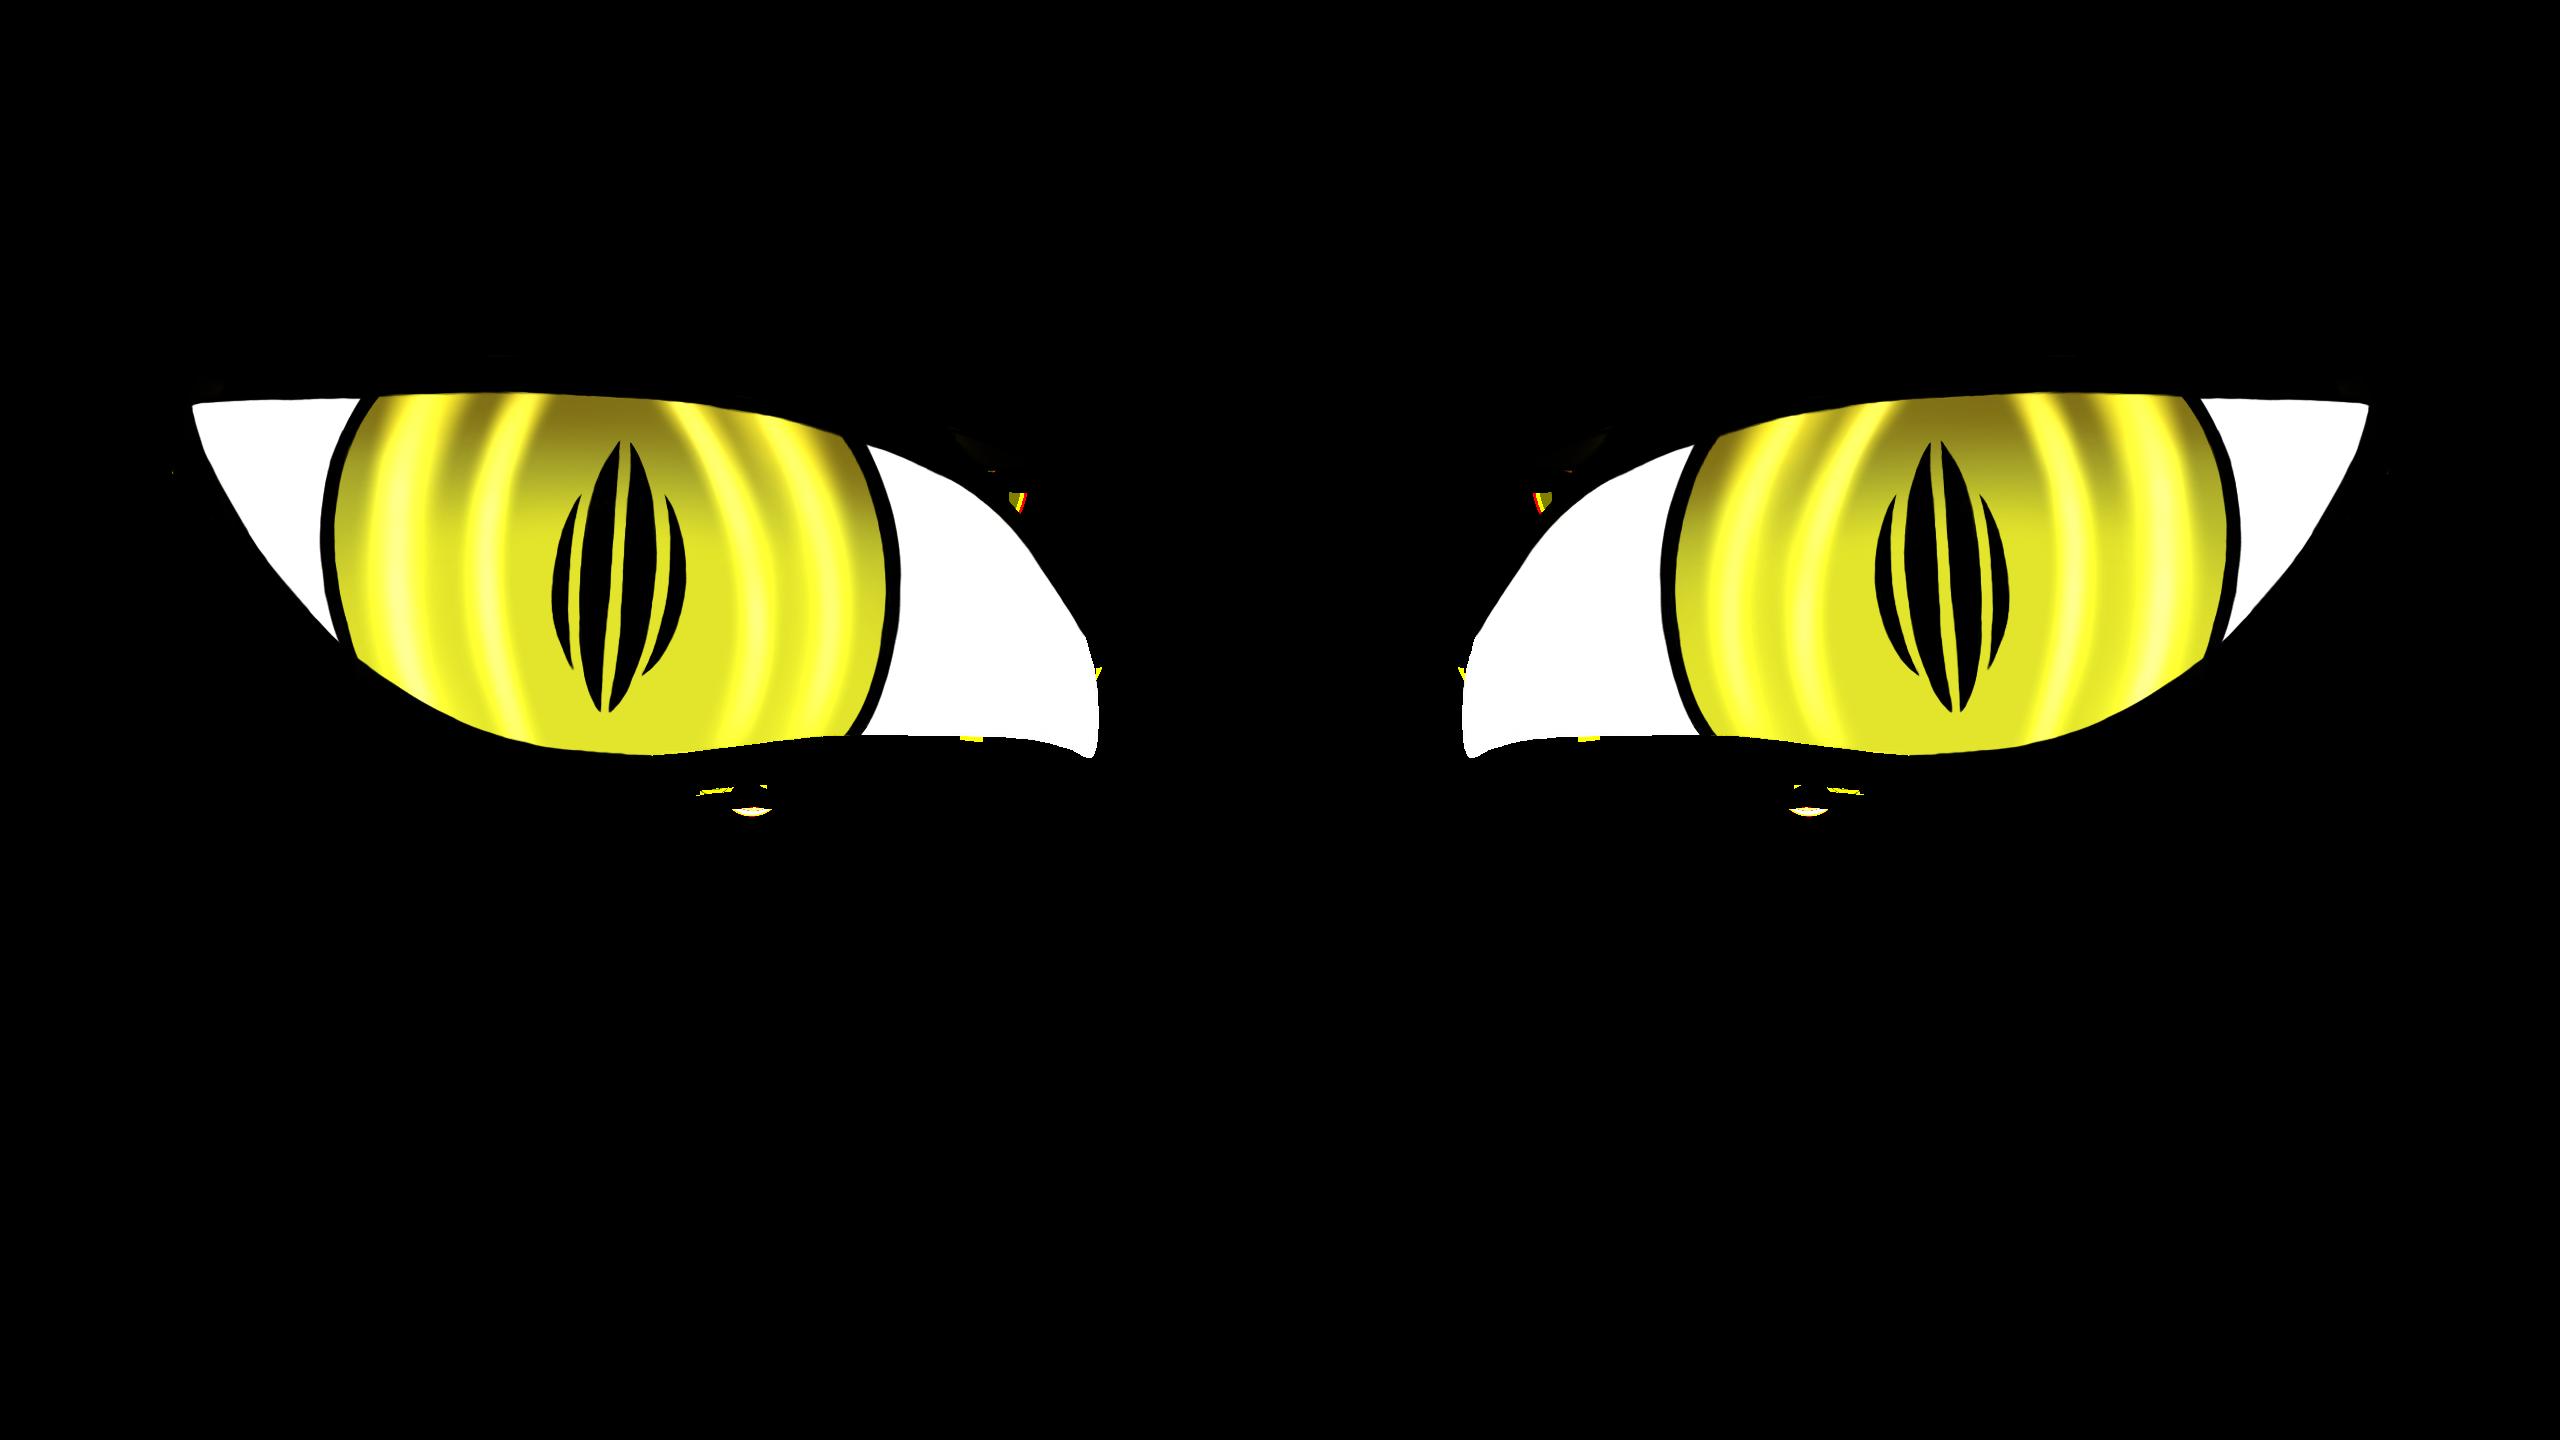 Demon clipart devil eyes, Picture #888777 demon clipart.